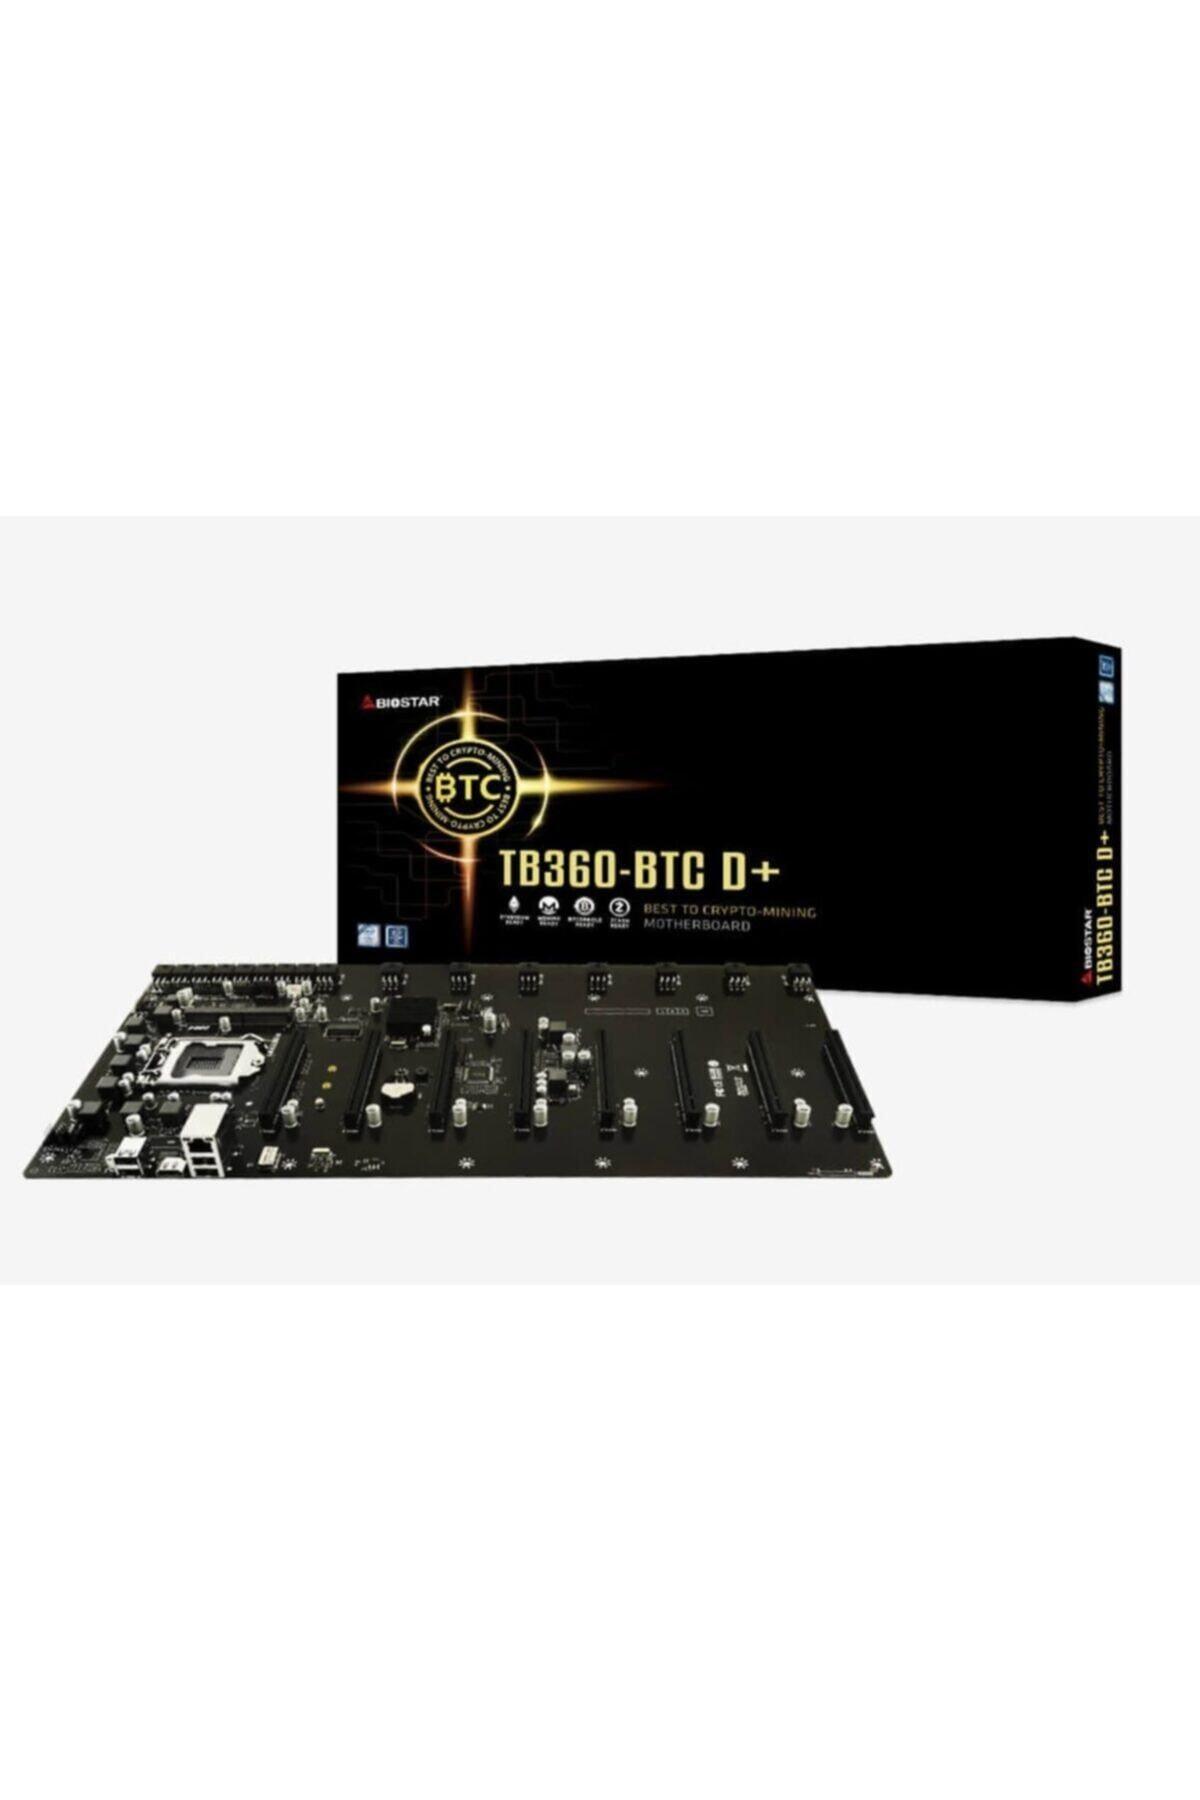 Tb360-btc D+ Lga1151 Ddr4 - 8 Ekran Kartı Girişli Mining Anakartı